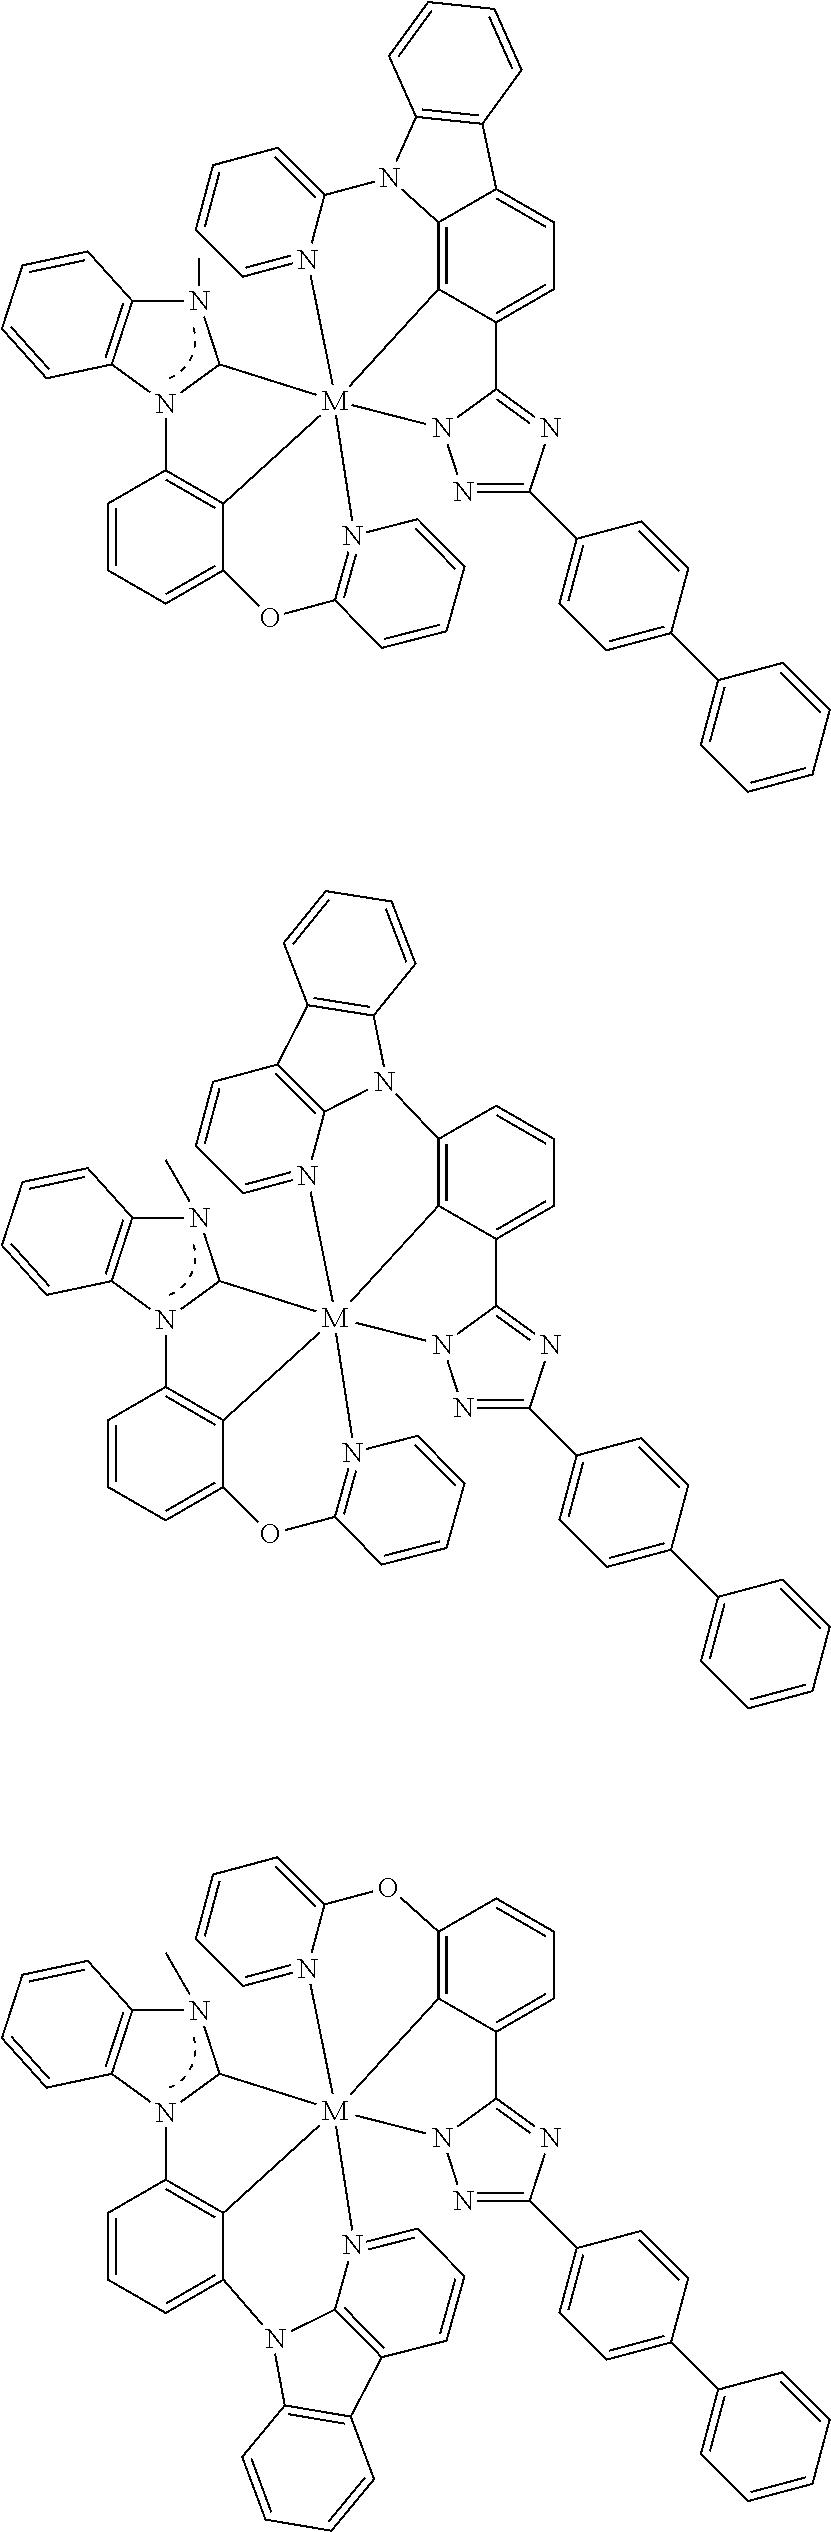 Figure US09818959-20171114-C00361